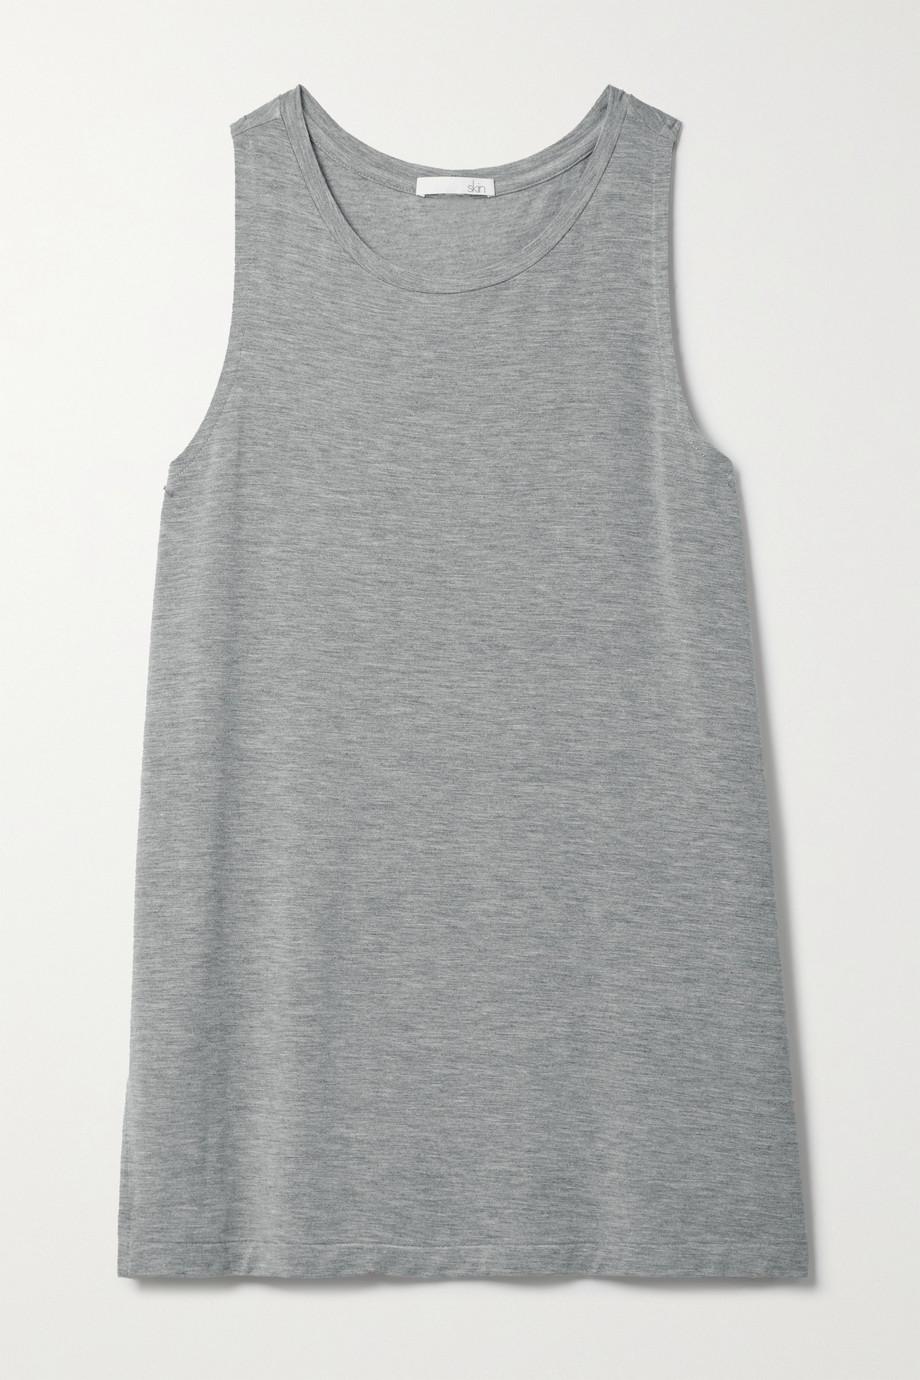 Skin Linor Tanktop aus meliertem Stretch-Jersey